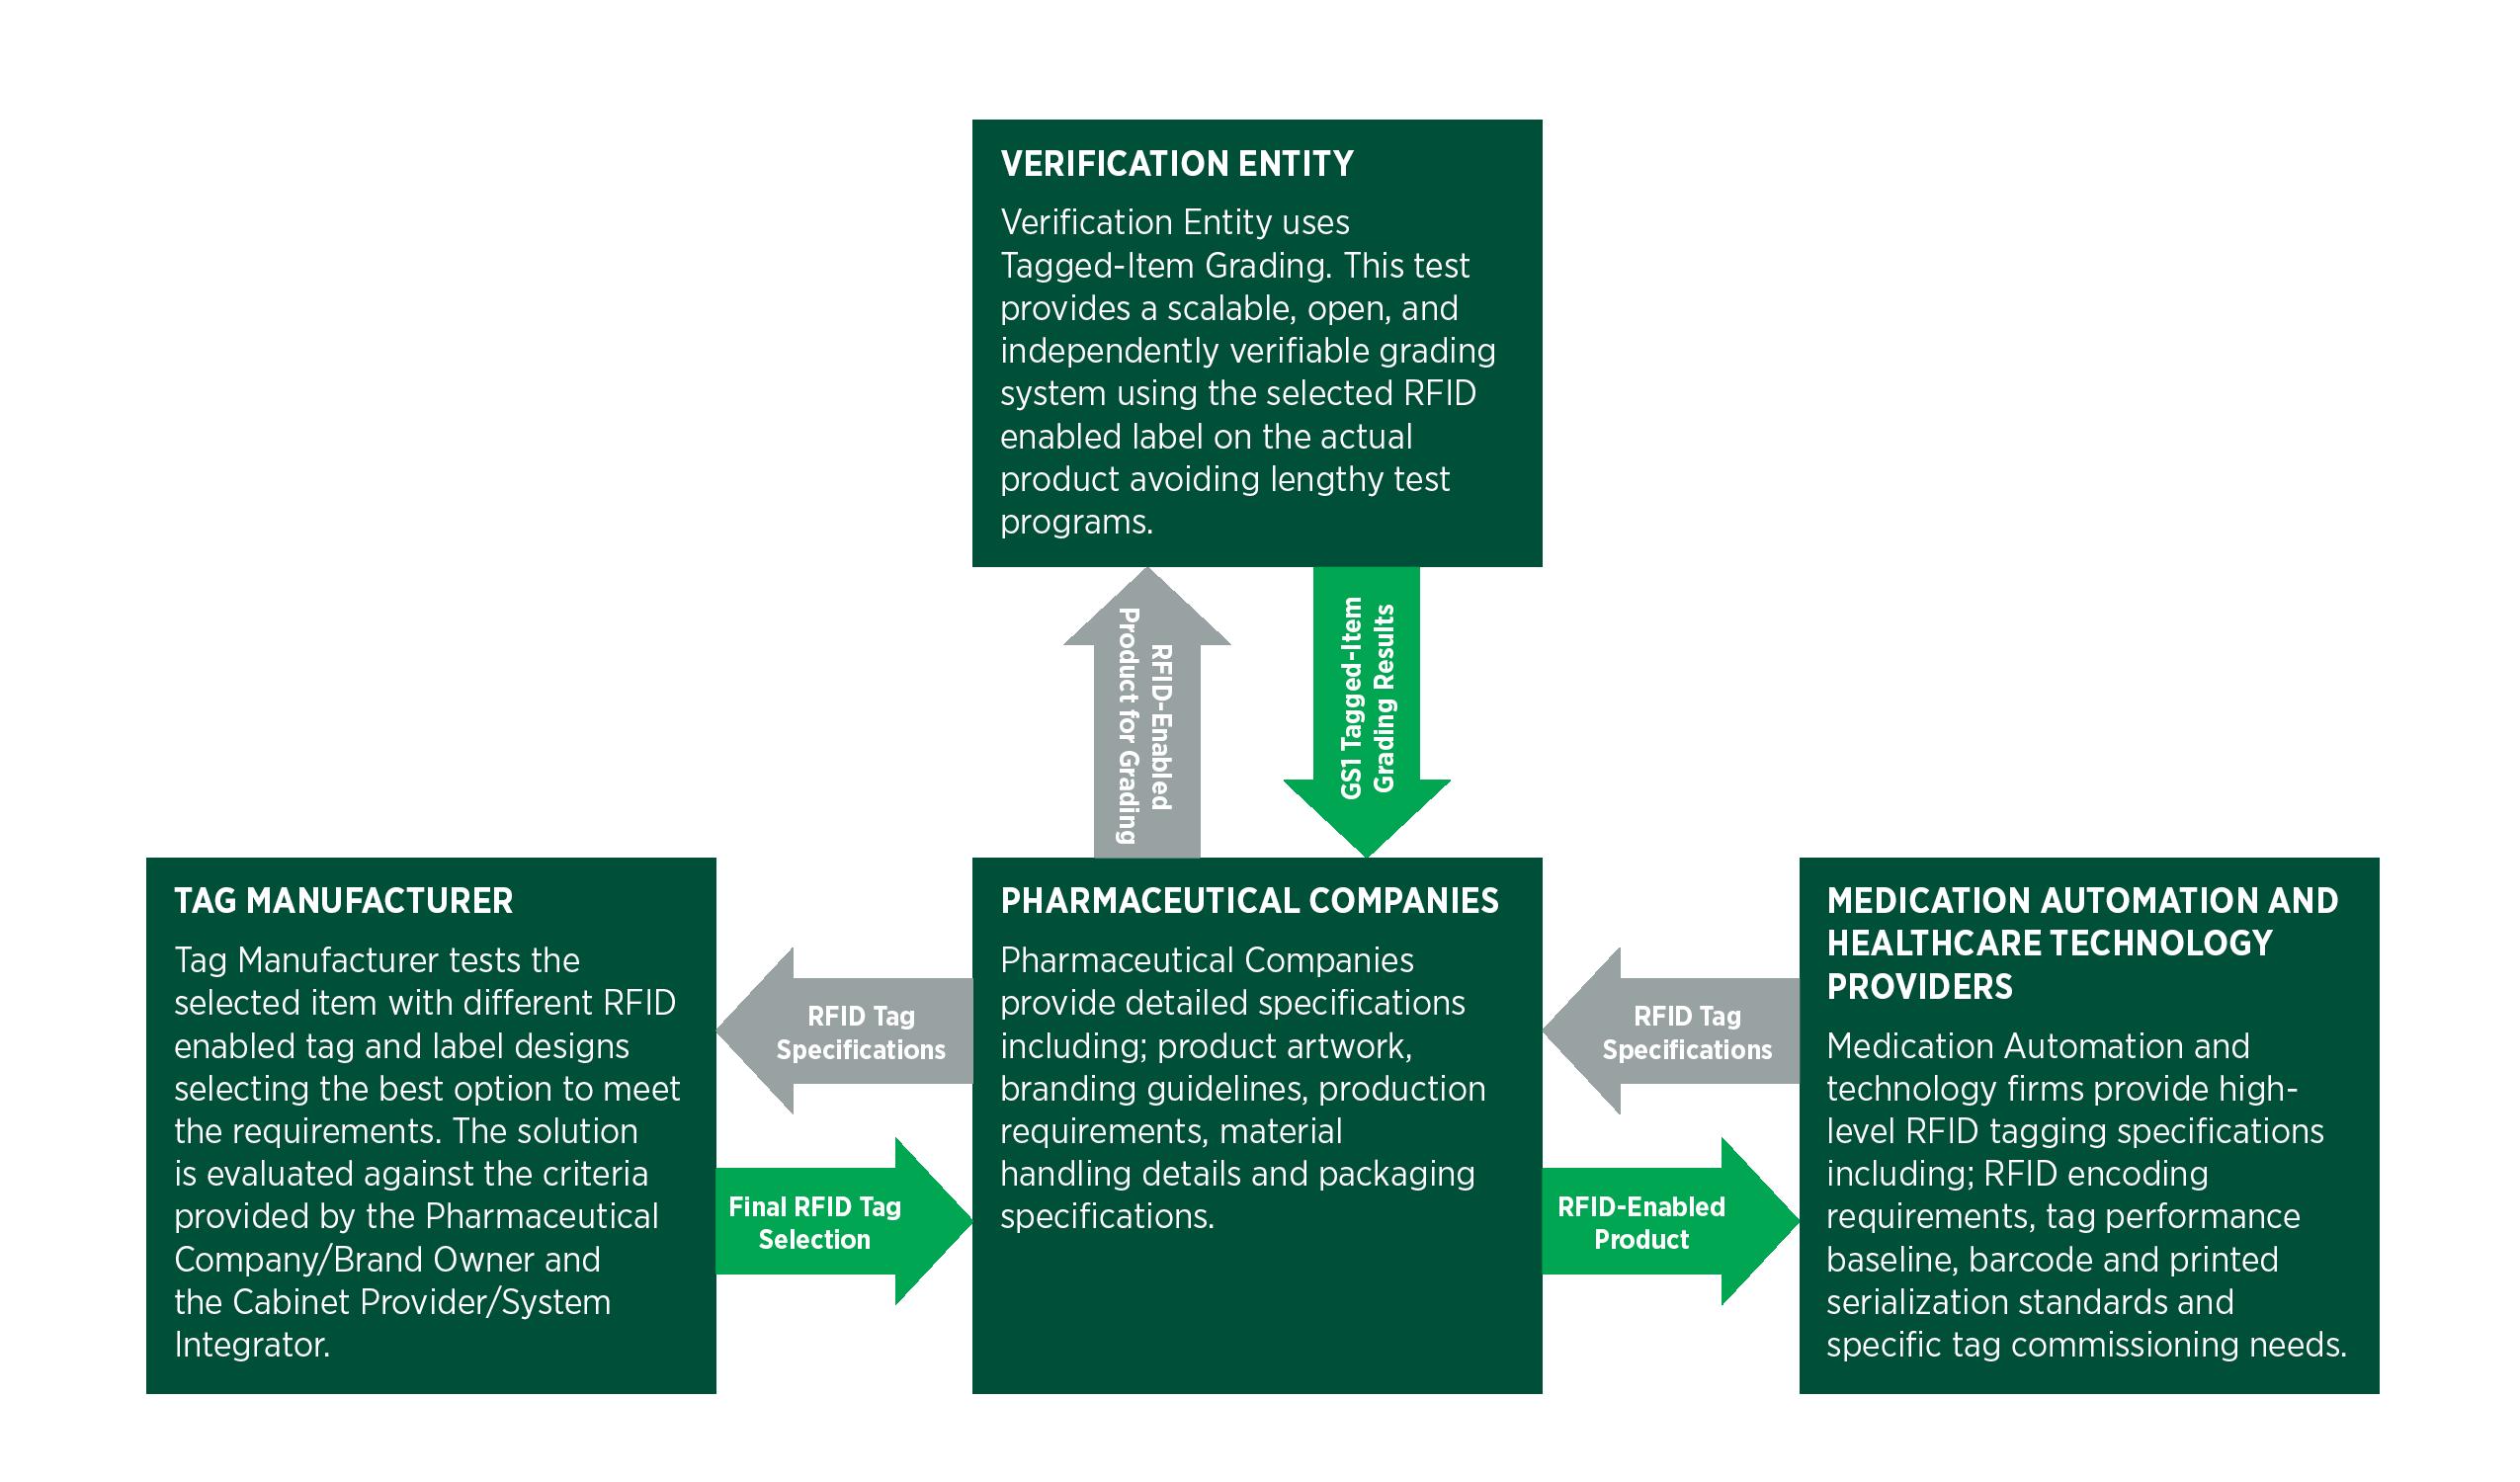 Tagged-Item Testing Process